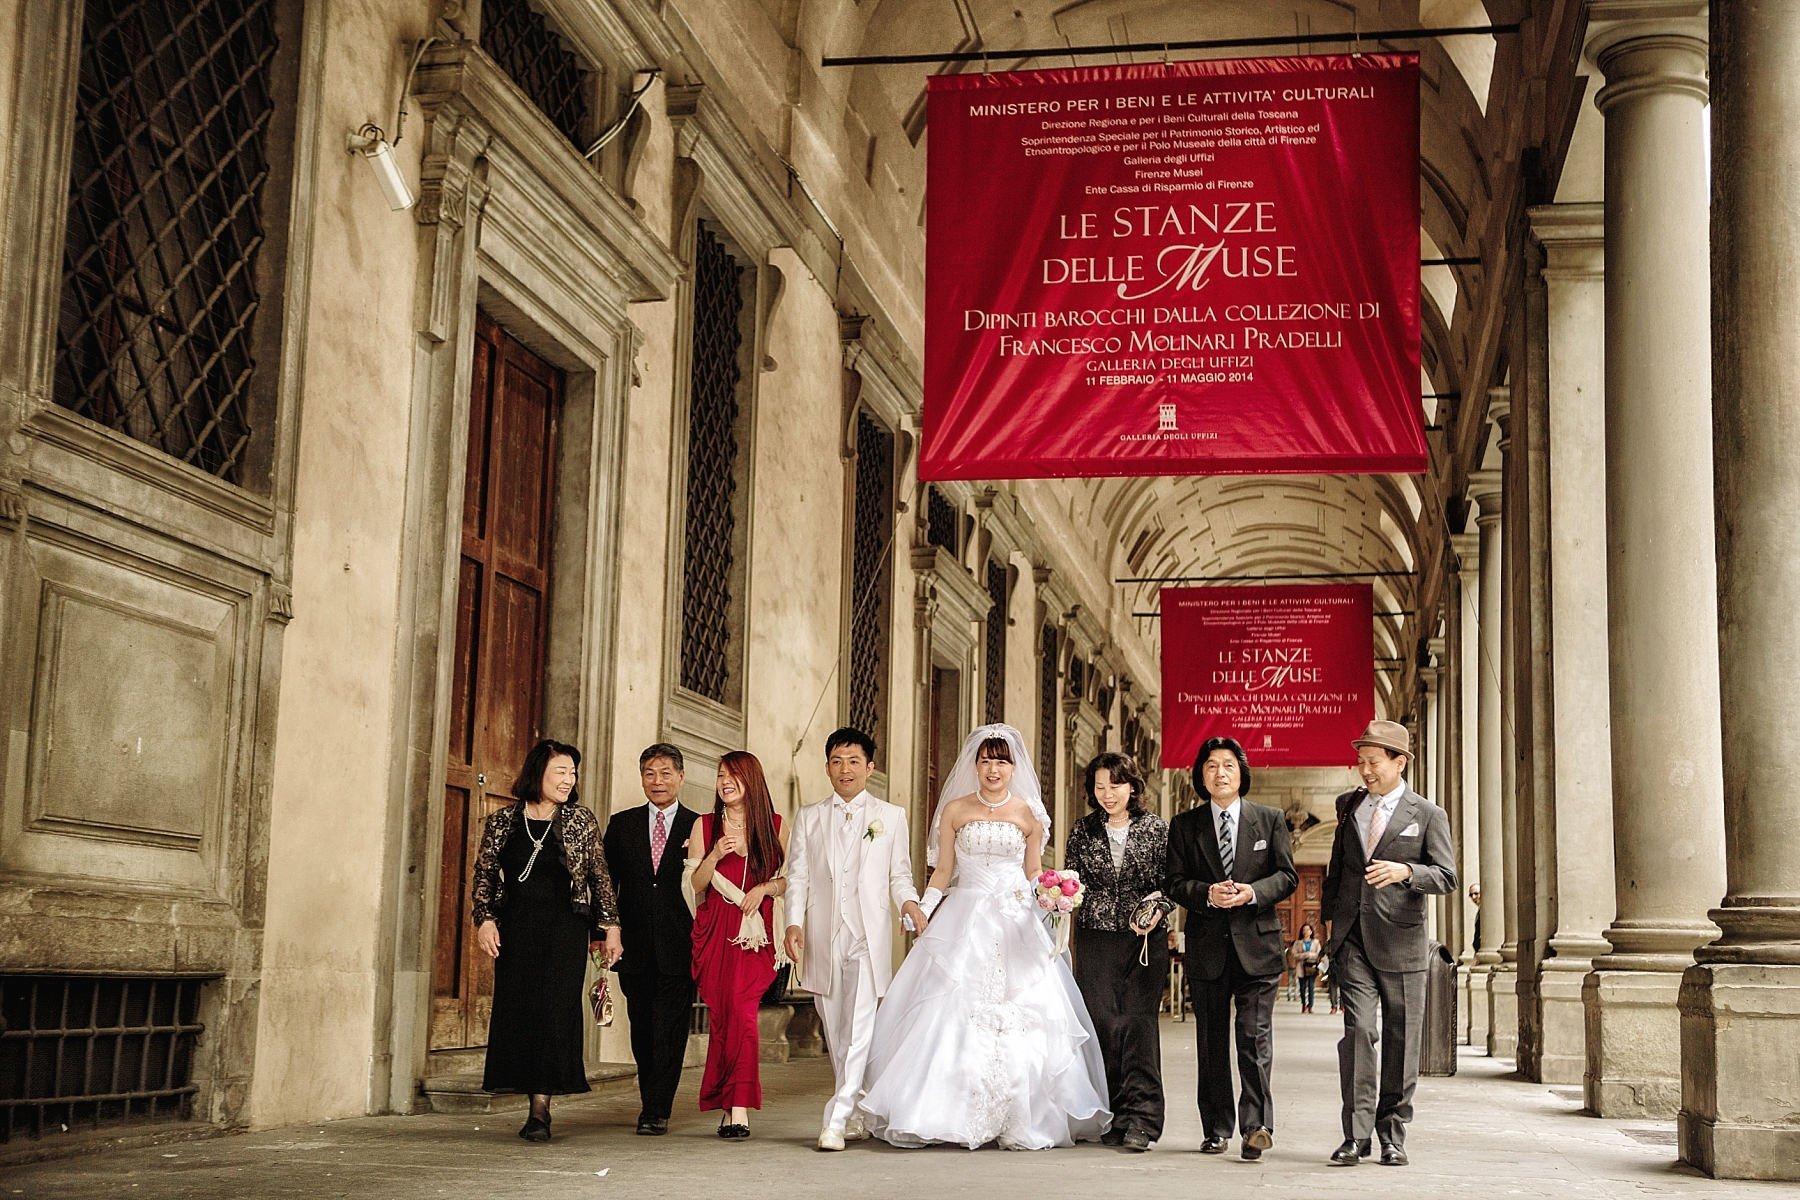 Camminata di sposi con amici a Firenze